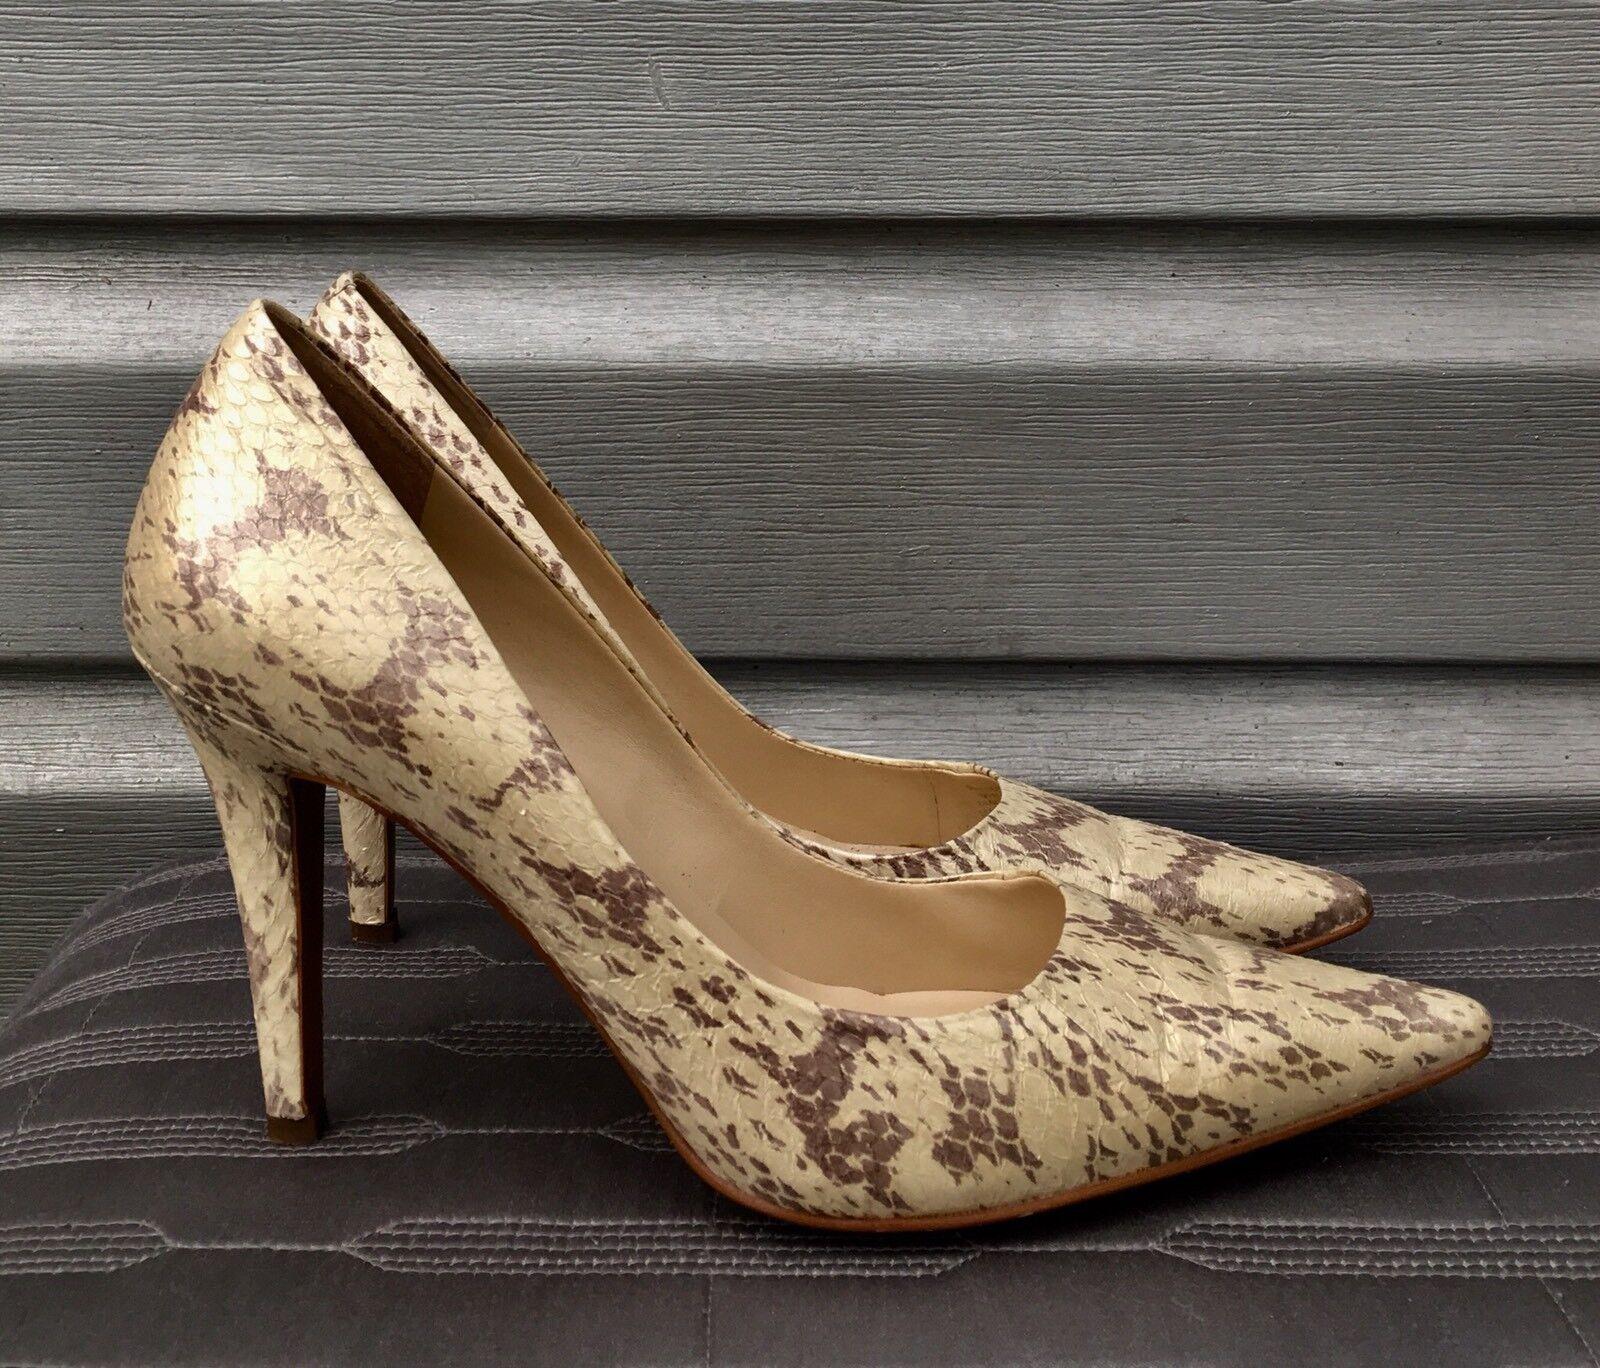 RALPH RALPH RALPH LAUREN Amaya Oyster Pointed Toe Snakeskin Pump Heels e816d3